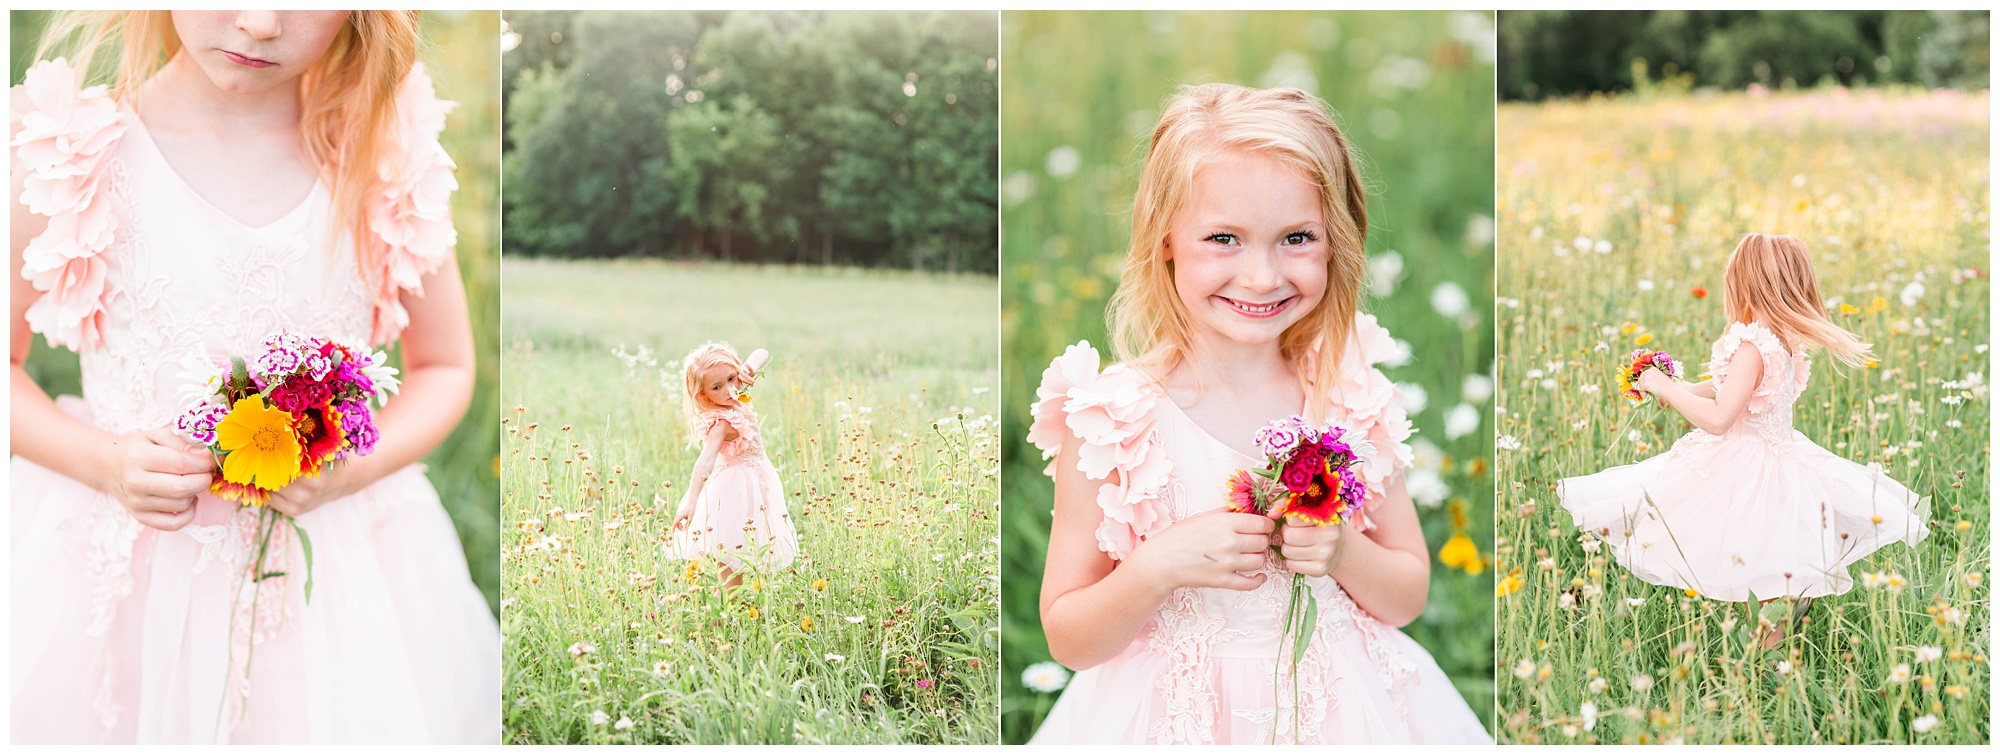 Liella is Five!